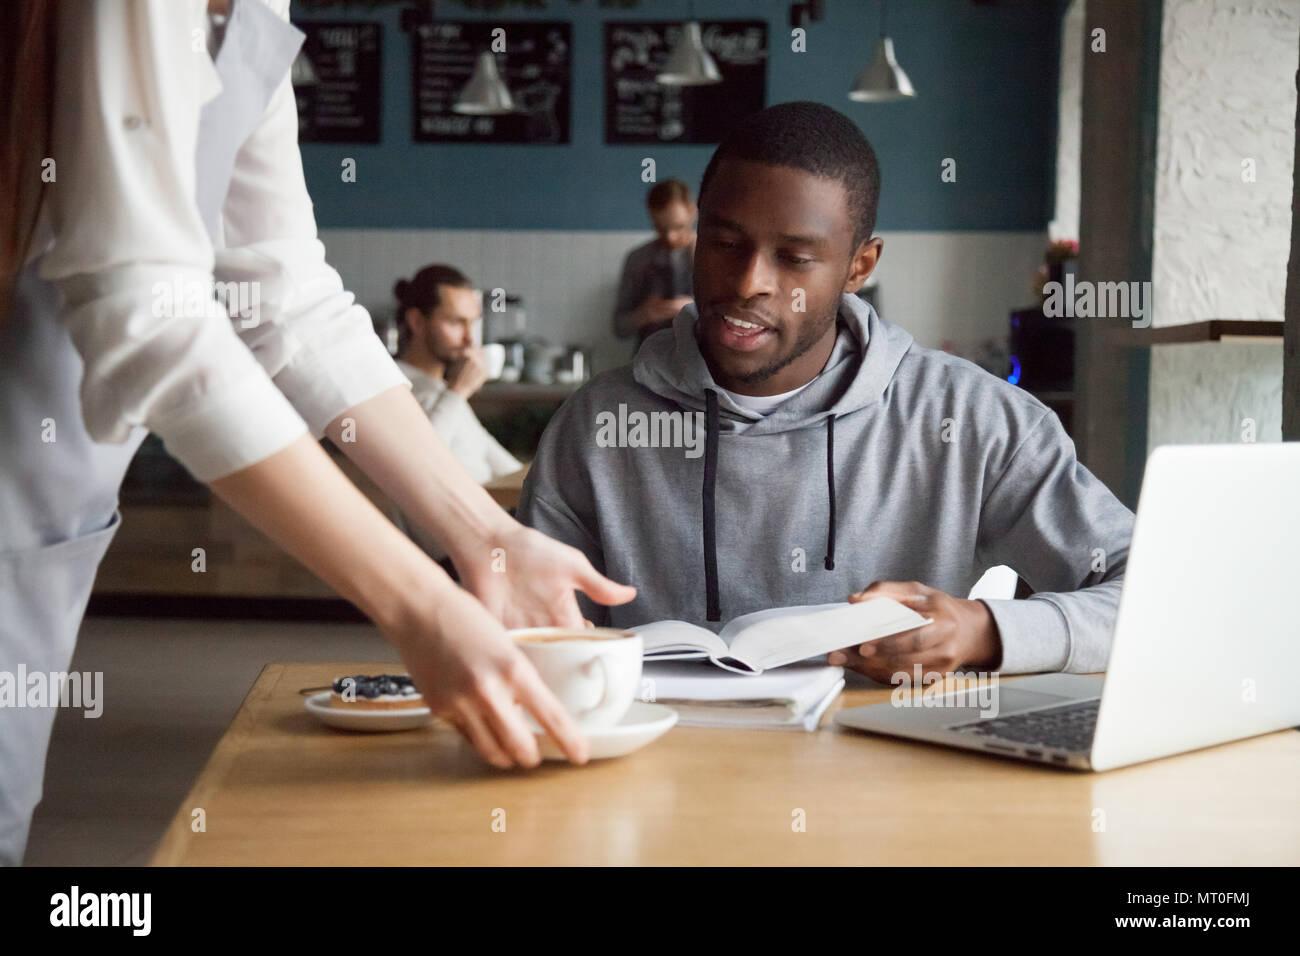 À café waitress smiling african american man-client Photo Stock